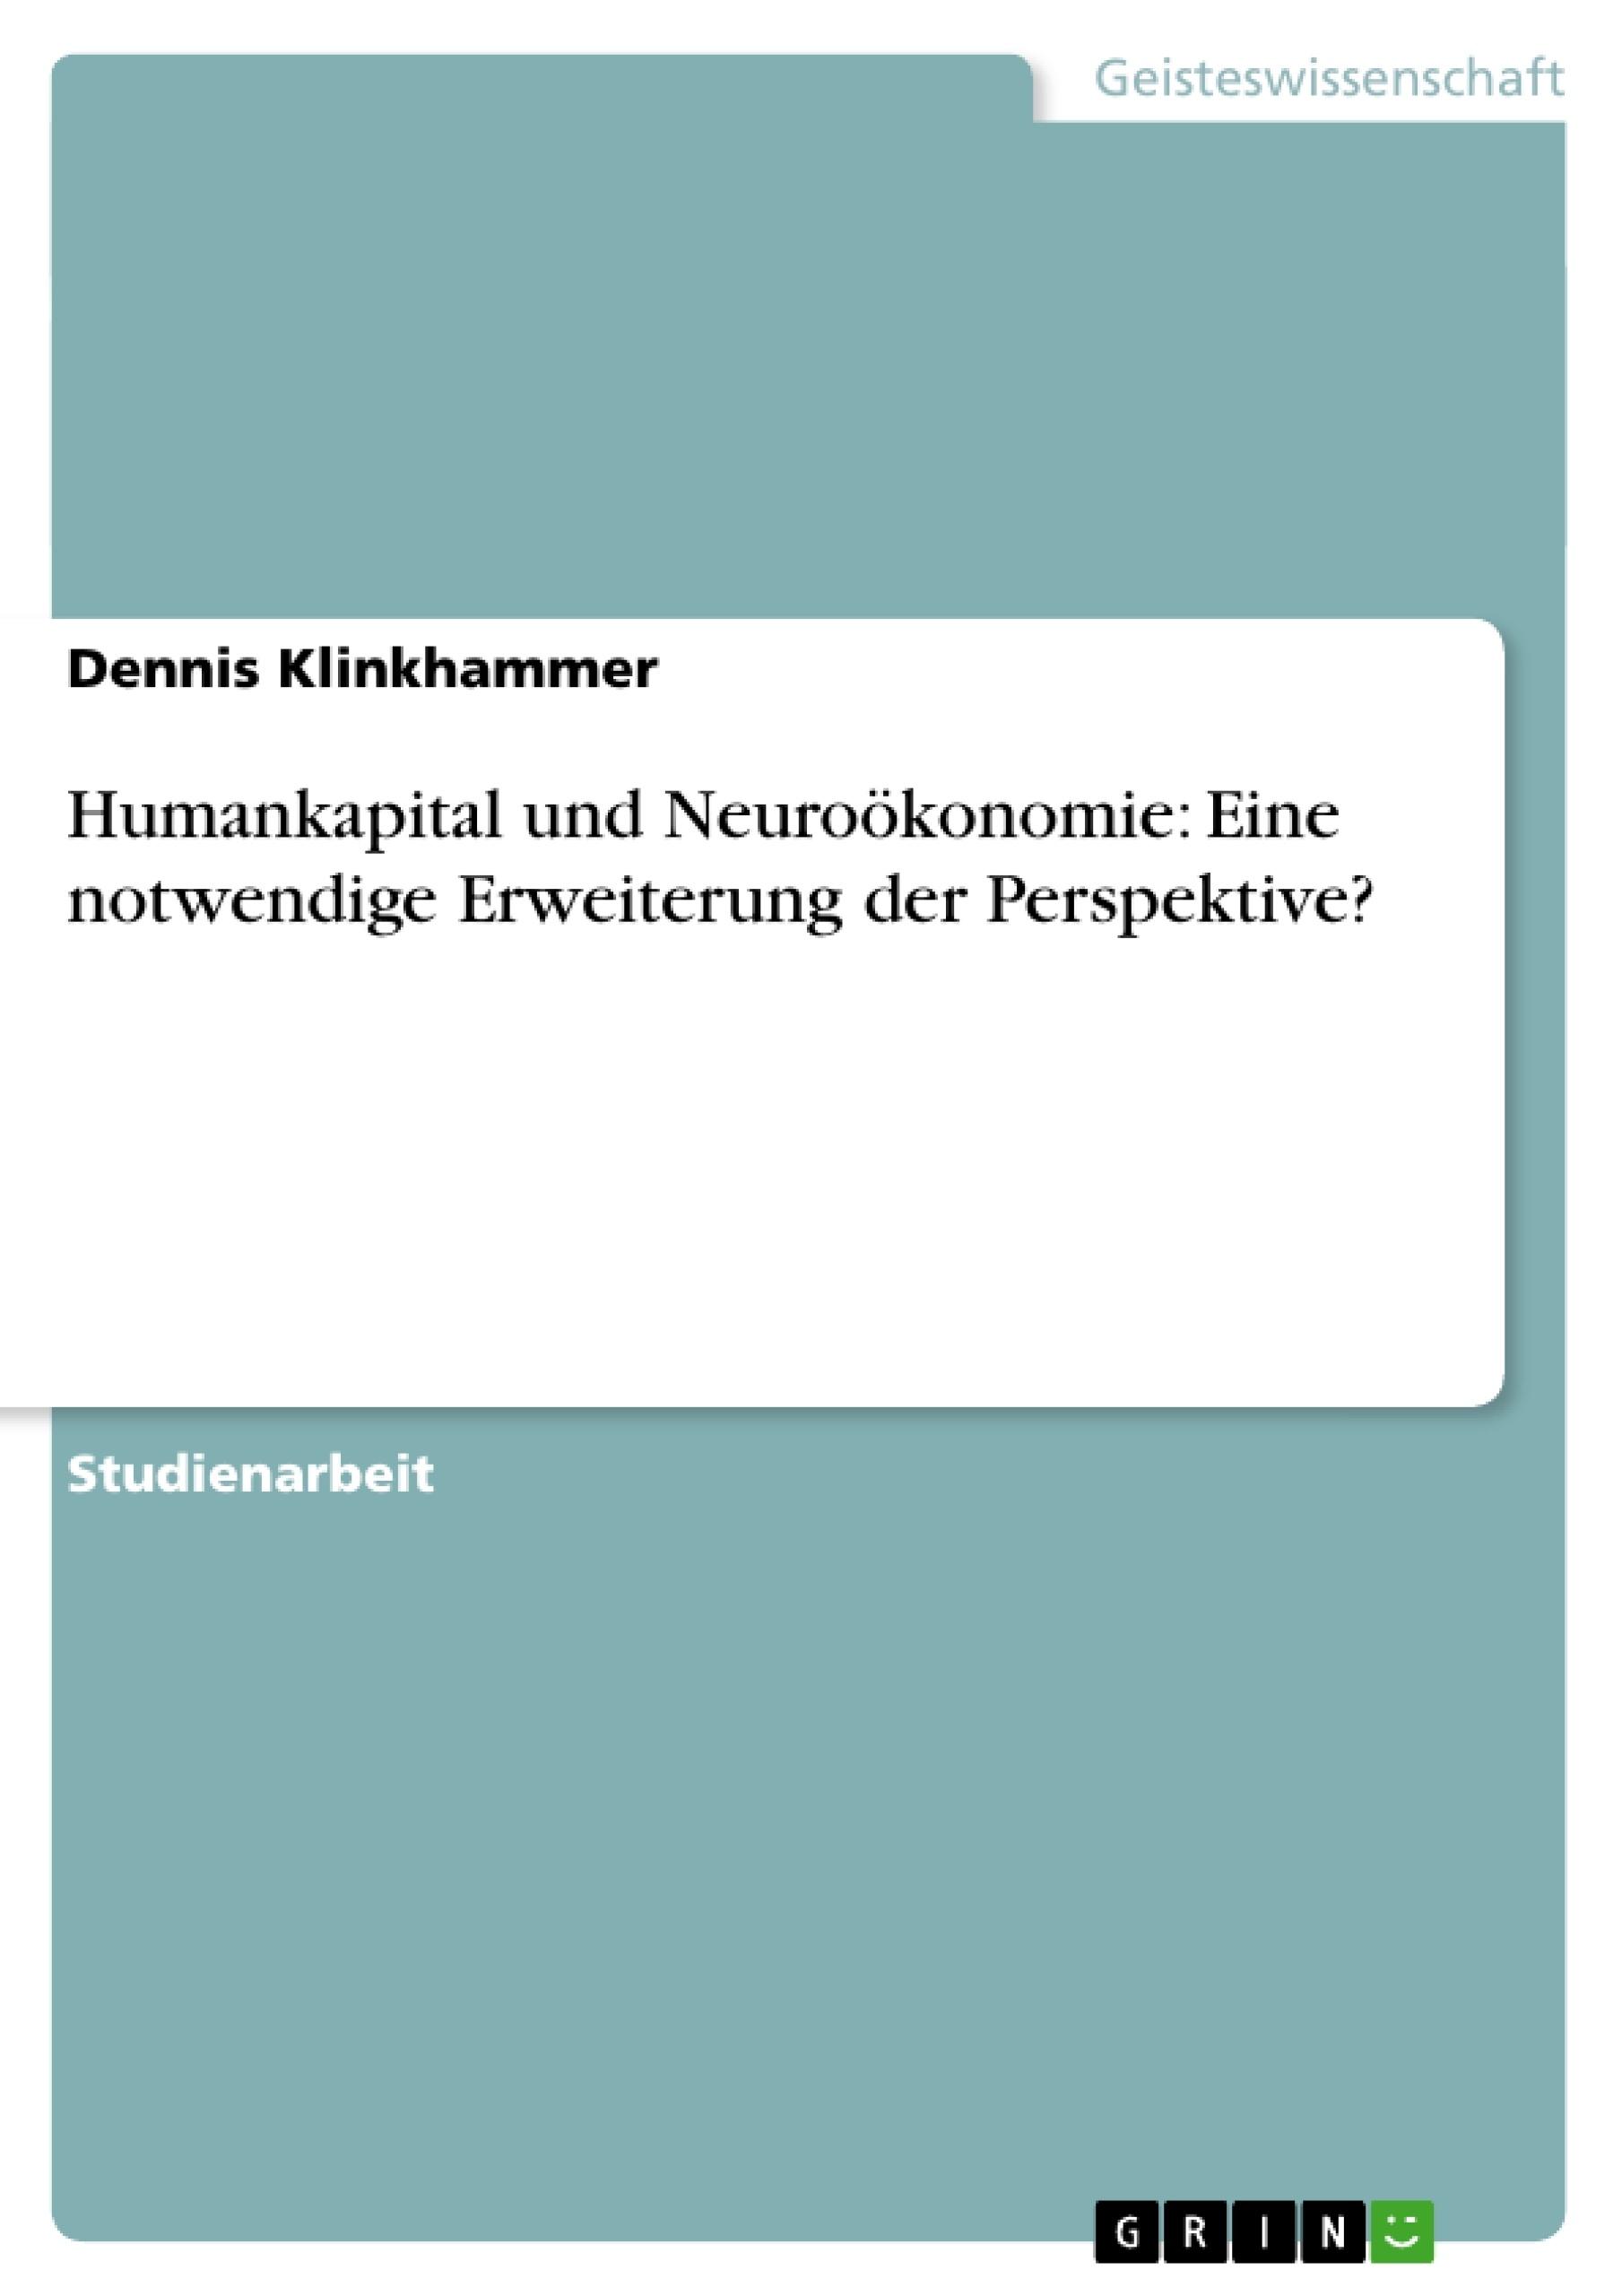 Titel: Humankapital und Neuroökonomie: Eine notwendige Erweiterung der Perspektive?